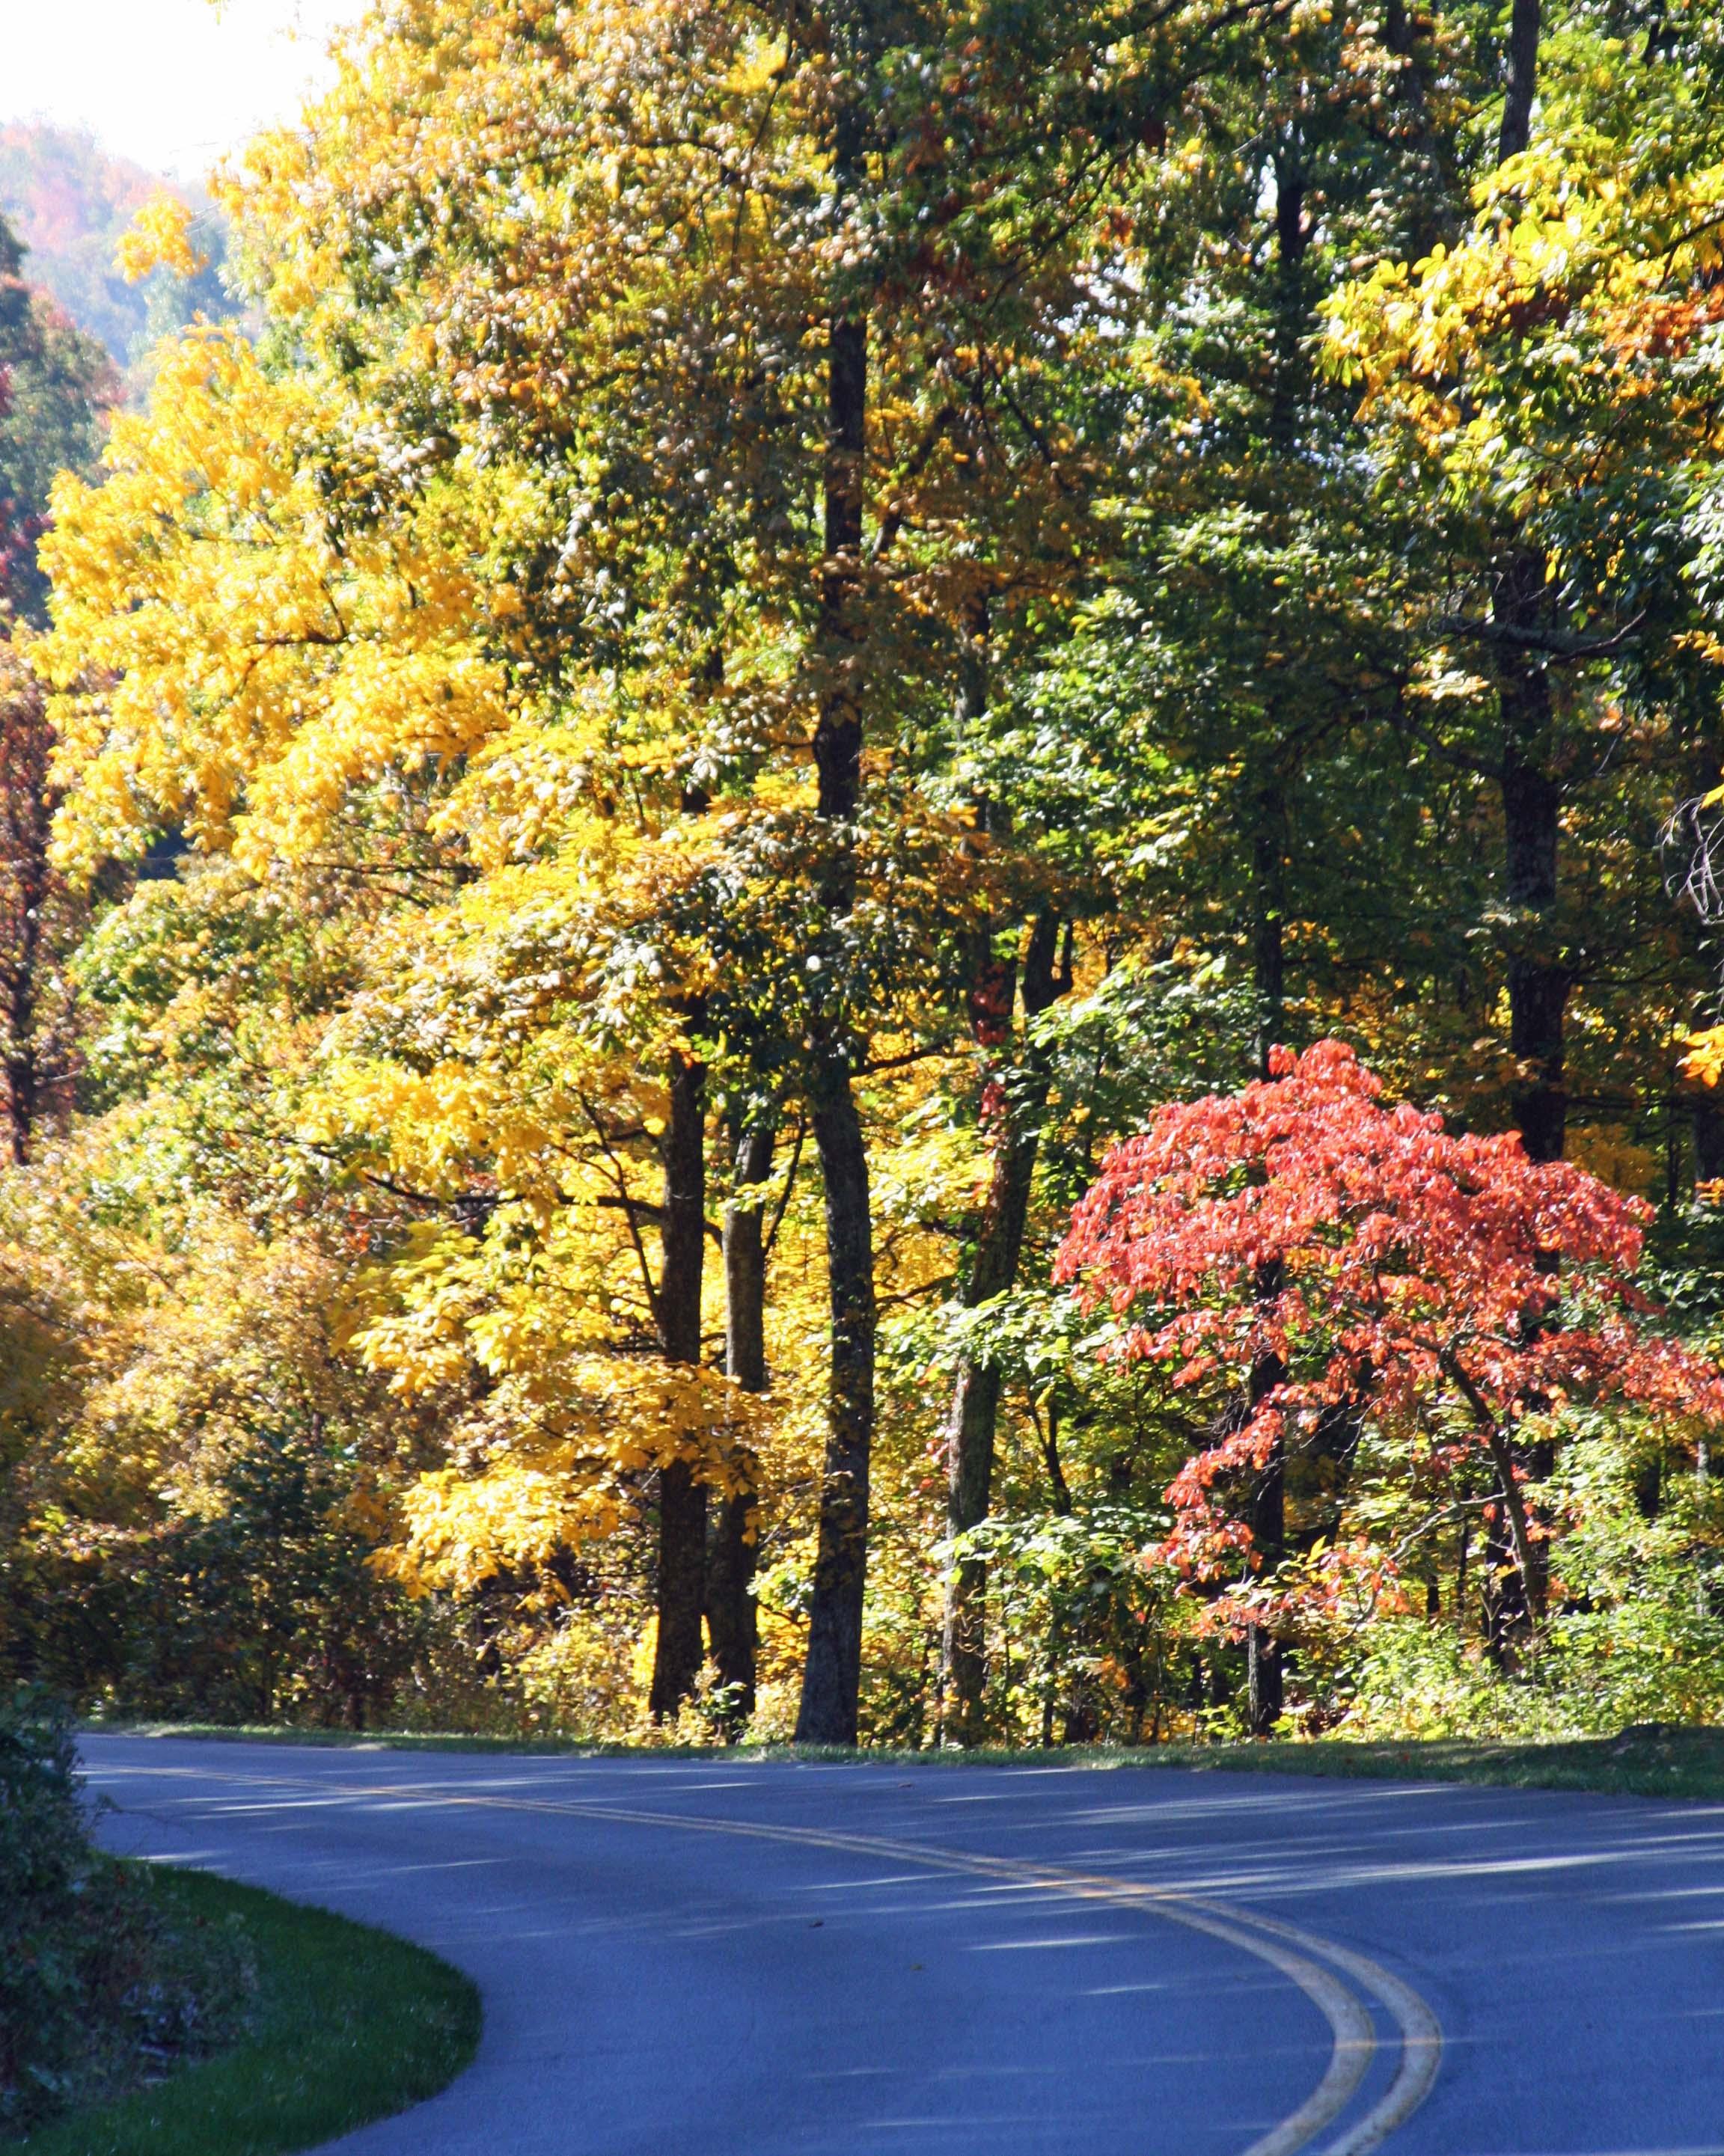 Fall photp of Blue Ridge Highway by Curtis Mekemson.